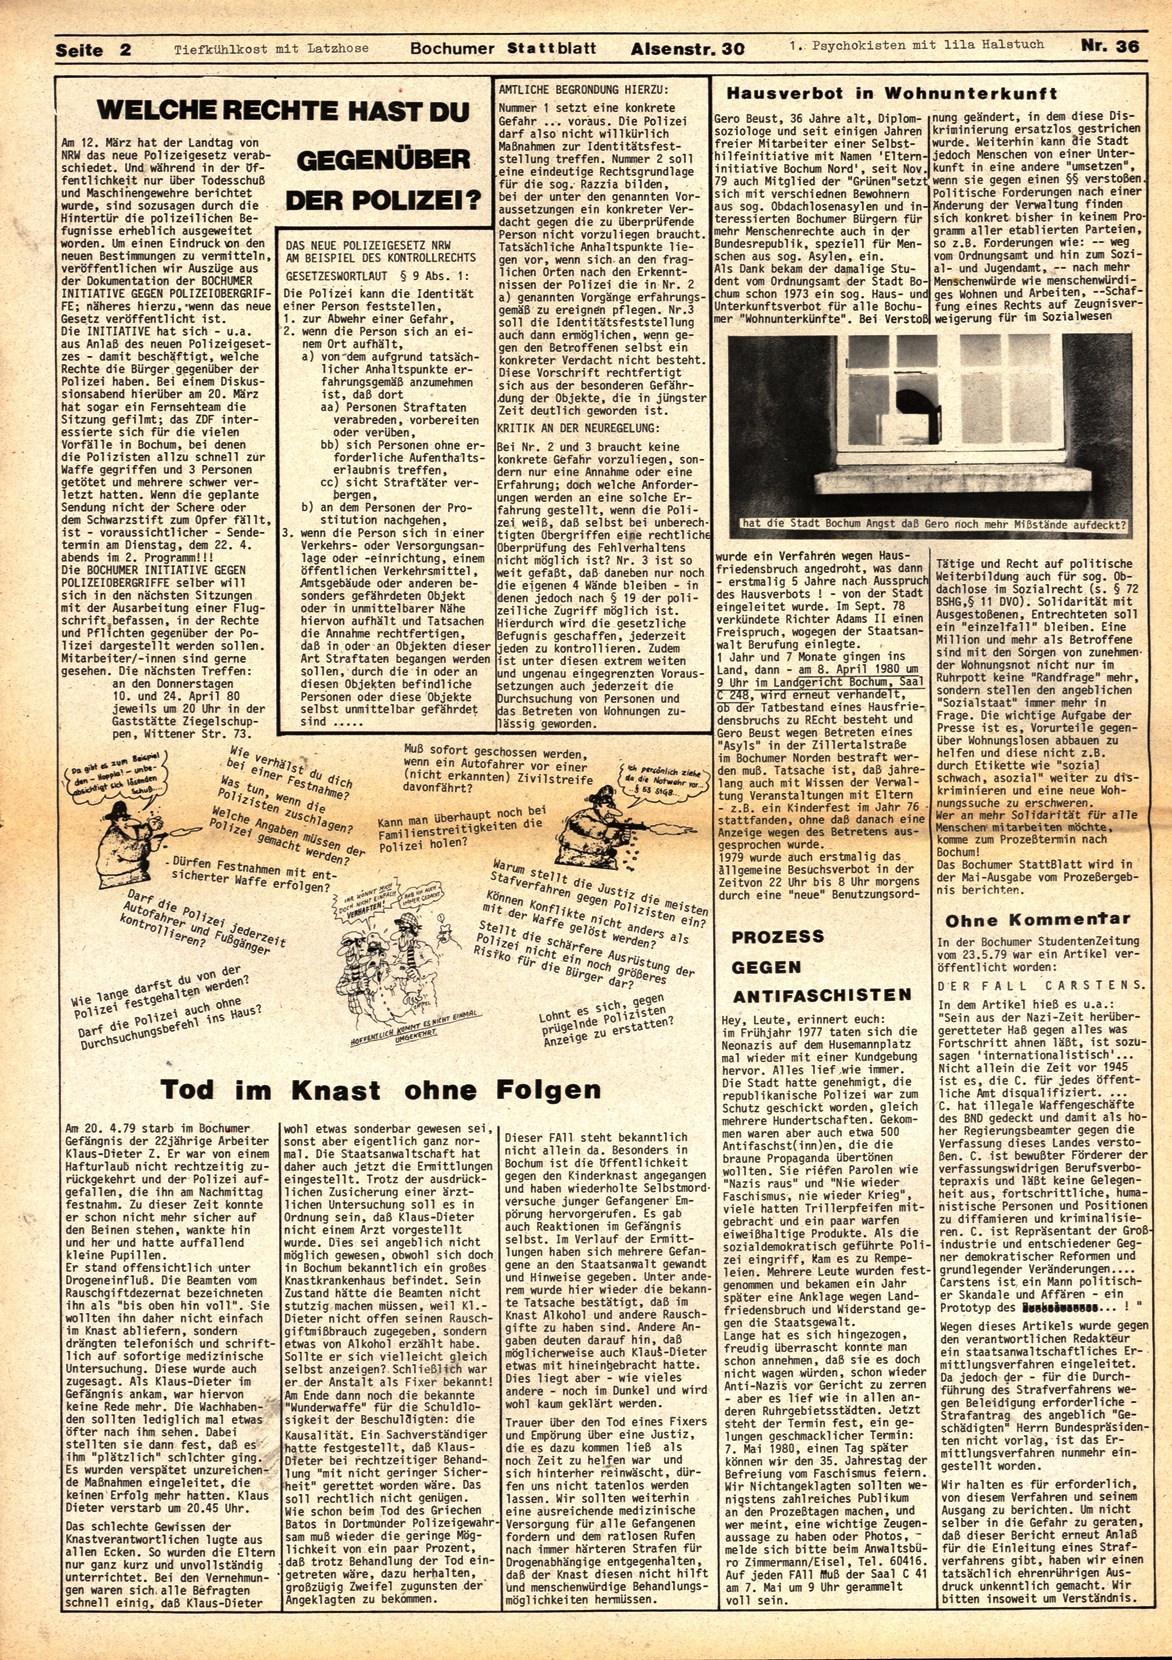 Bochum_Stattblatt_19800400_36_02